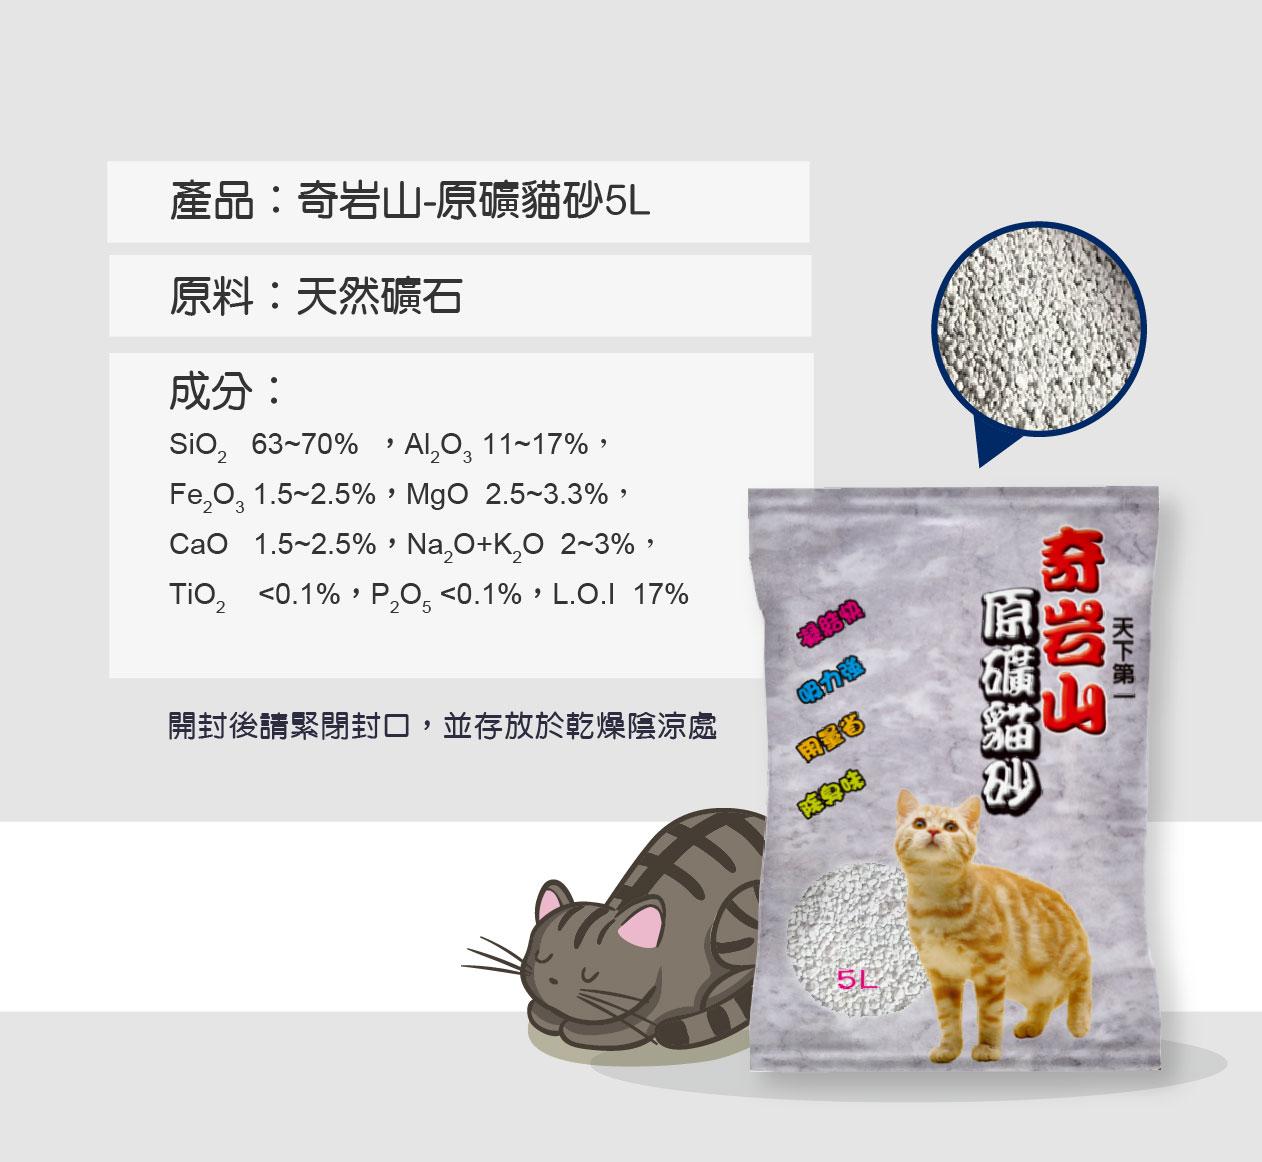 由天然礦石製成,抗菌且用量省,是寵愛貓咪的最佳選擇│全球寵物奇岩山貓砂系列